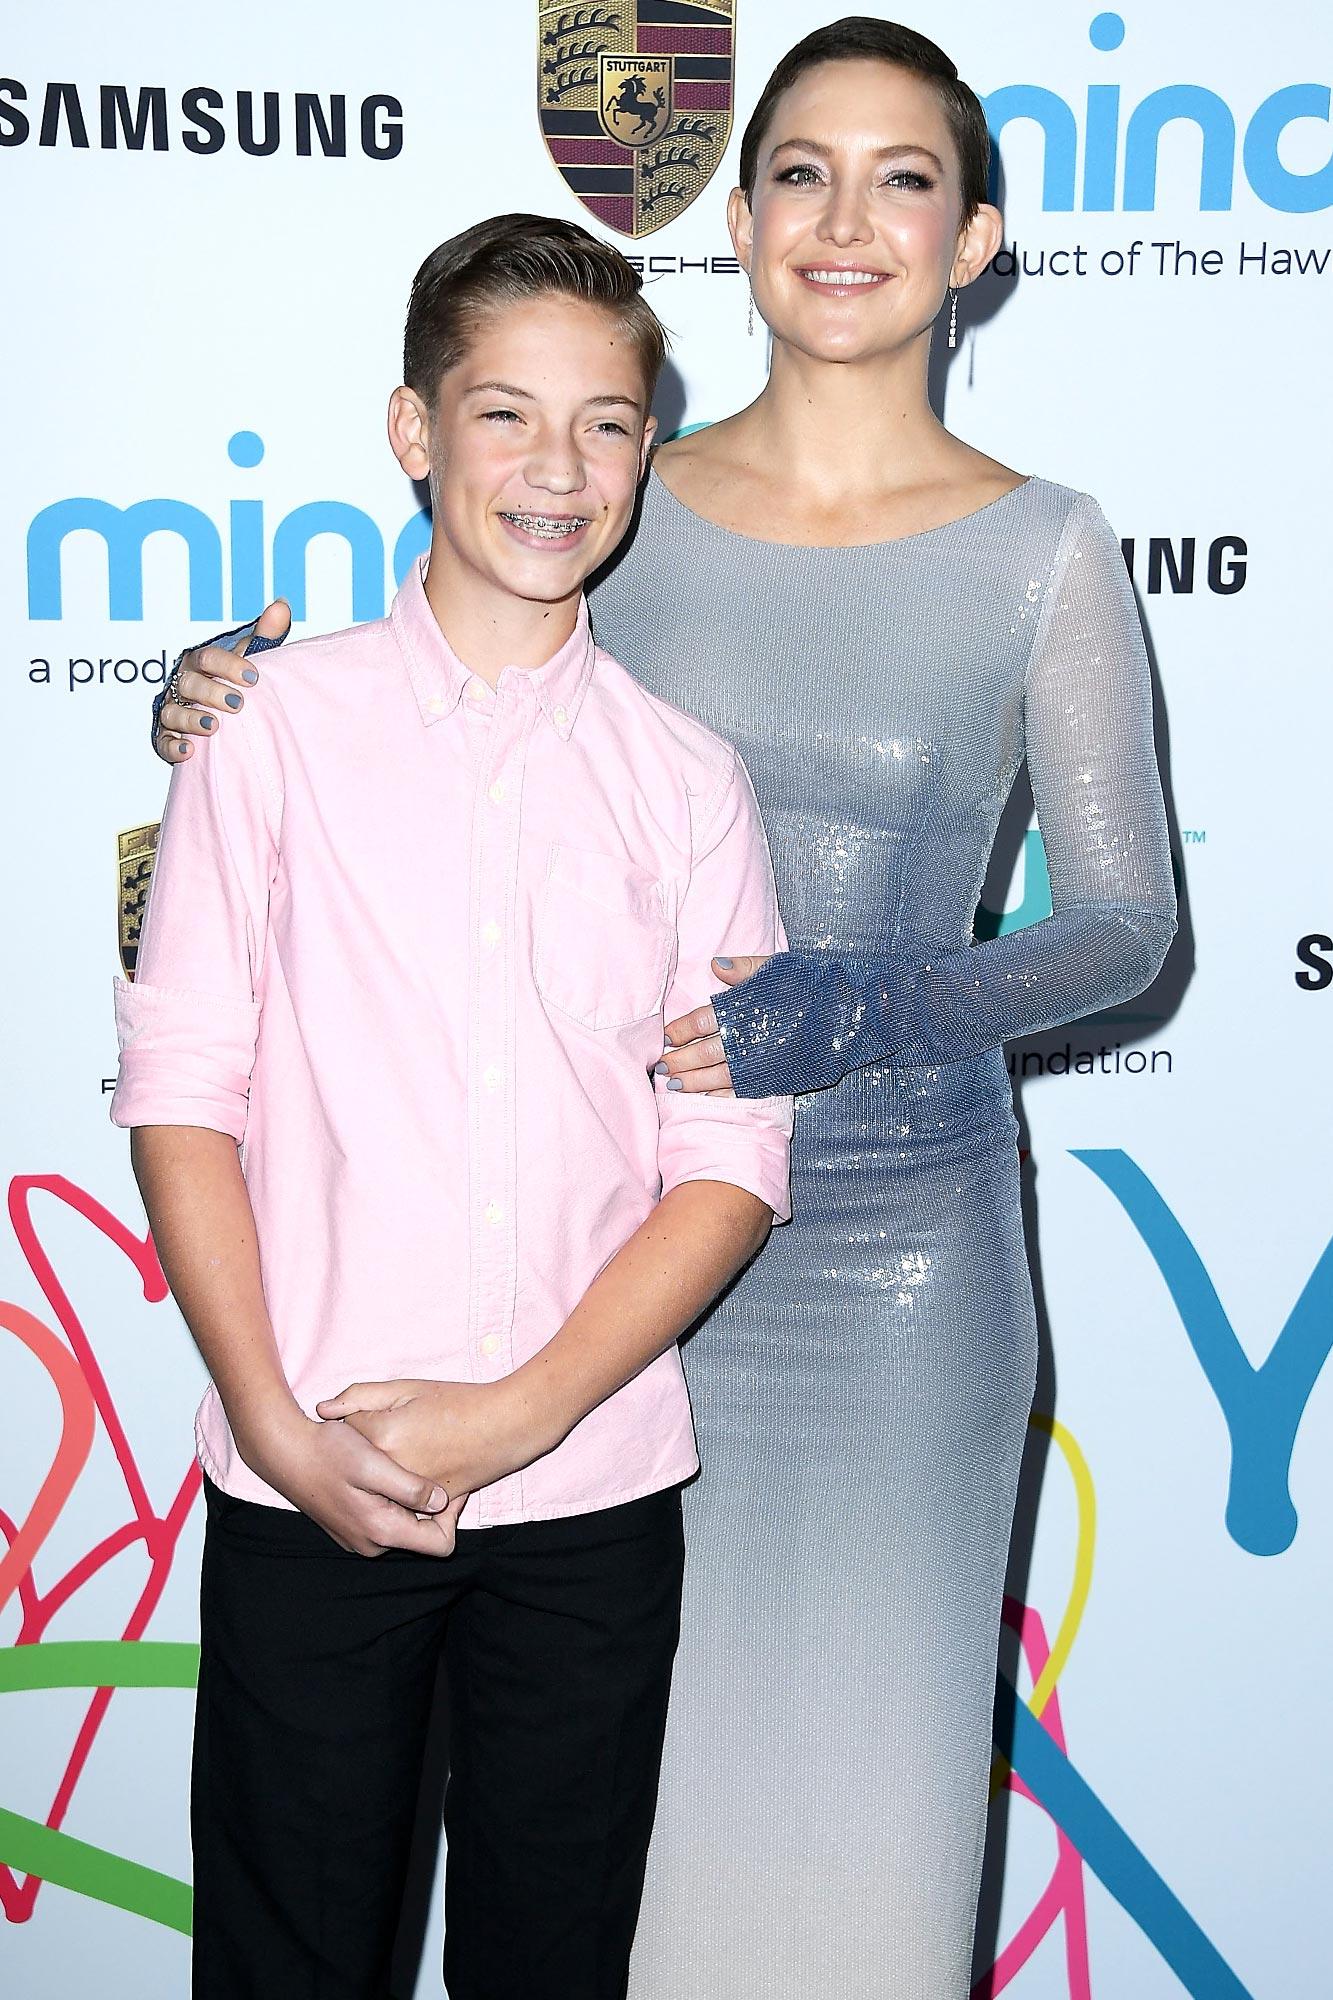 Kate Hudson Jokes She 'Was Like a Teen Mom' When She Had Son Ryder: 'I Was Like 12'